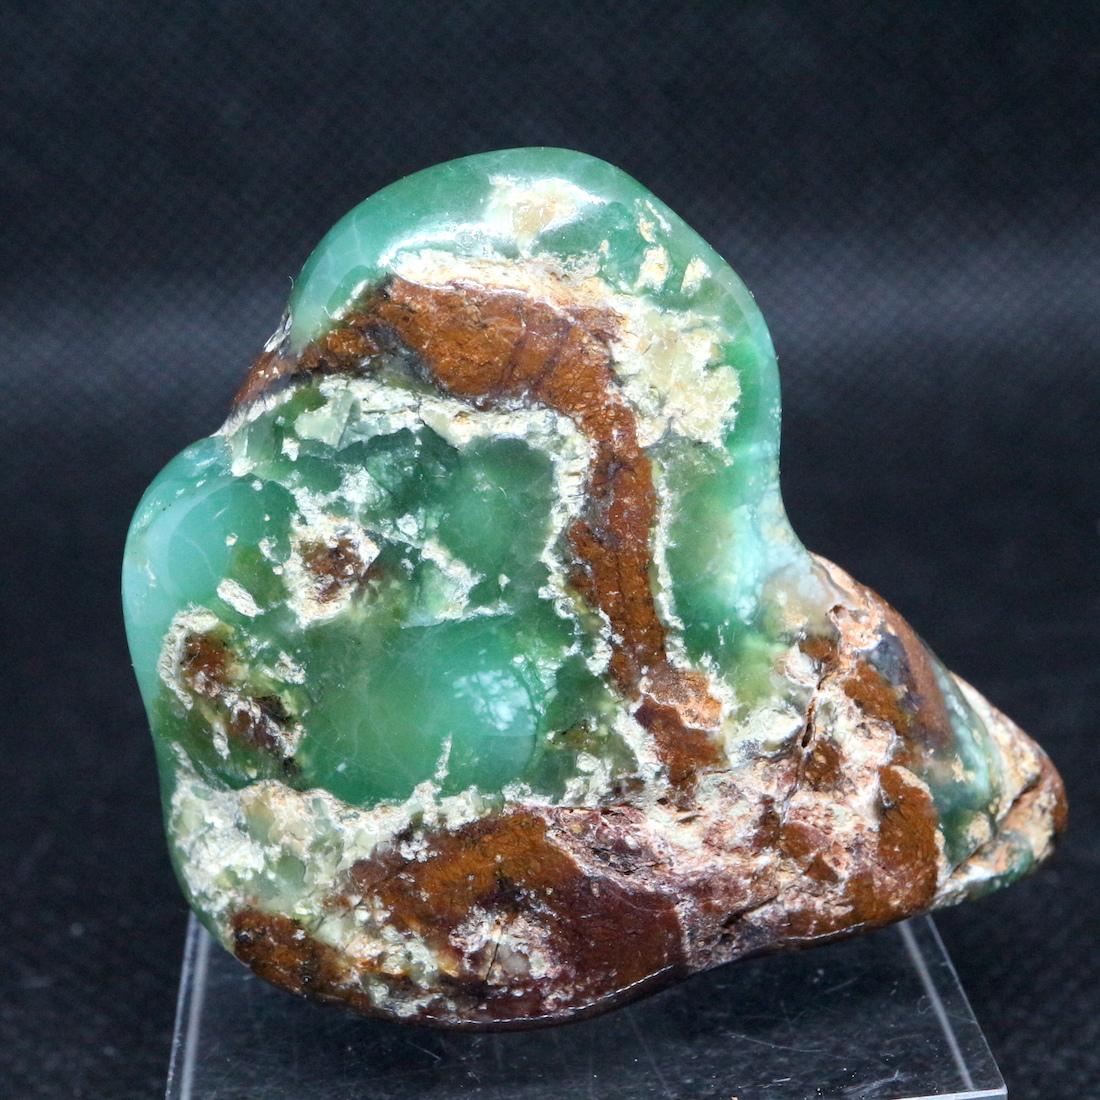 クリソプレーズ 緑玉髄 オーストラリア産  36g CSP014  原石 天然石 鉱物 パワーストーン